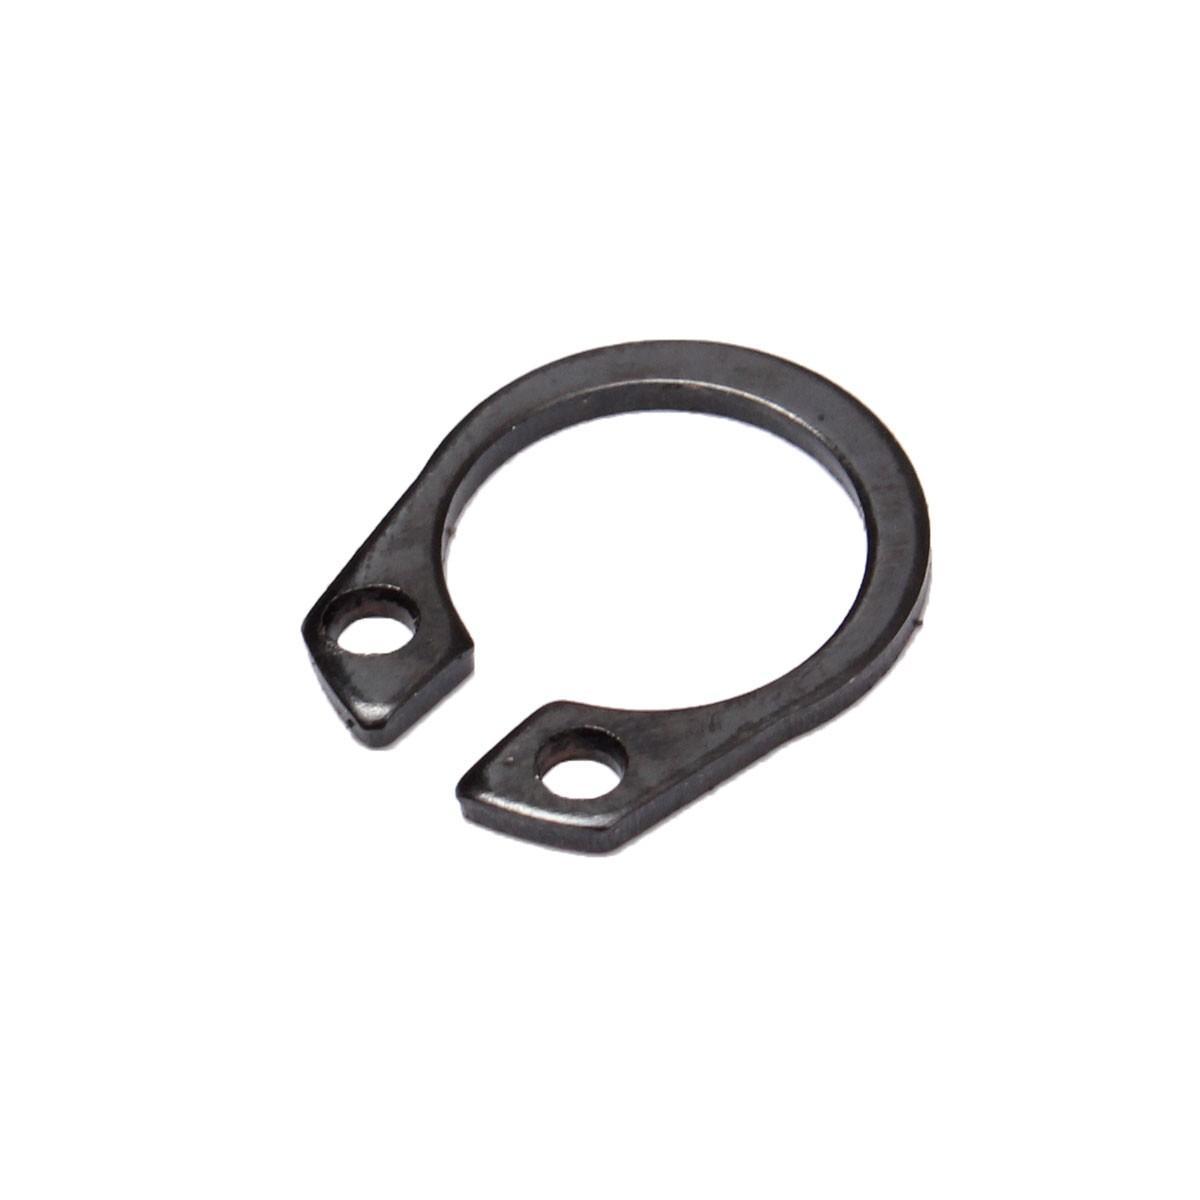 1set antibacklash ball screw 1605 -L650mm-C7+BK/B?F12 + 2pcs 6.35*10mm couplers - intl giá chỉ 993.000 ₫